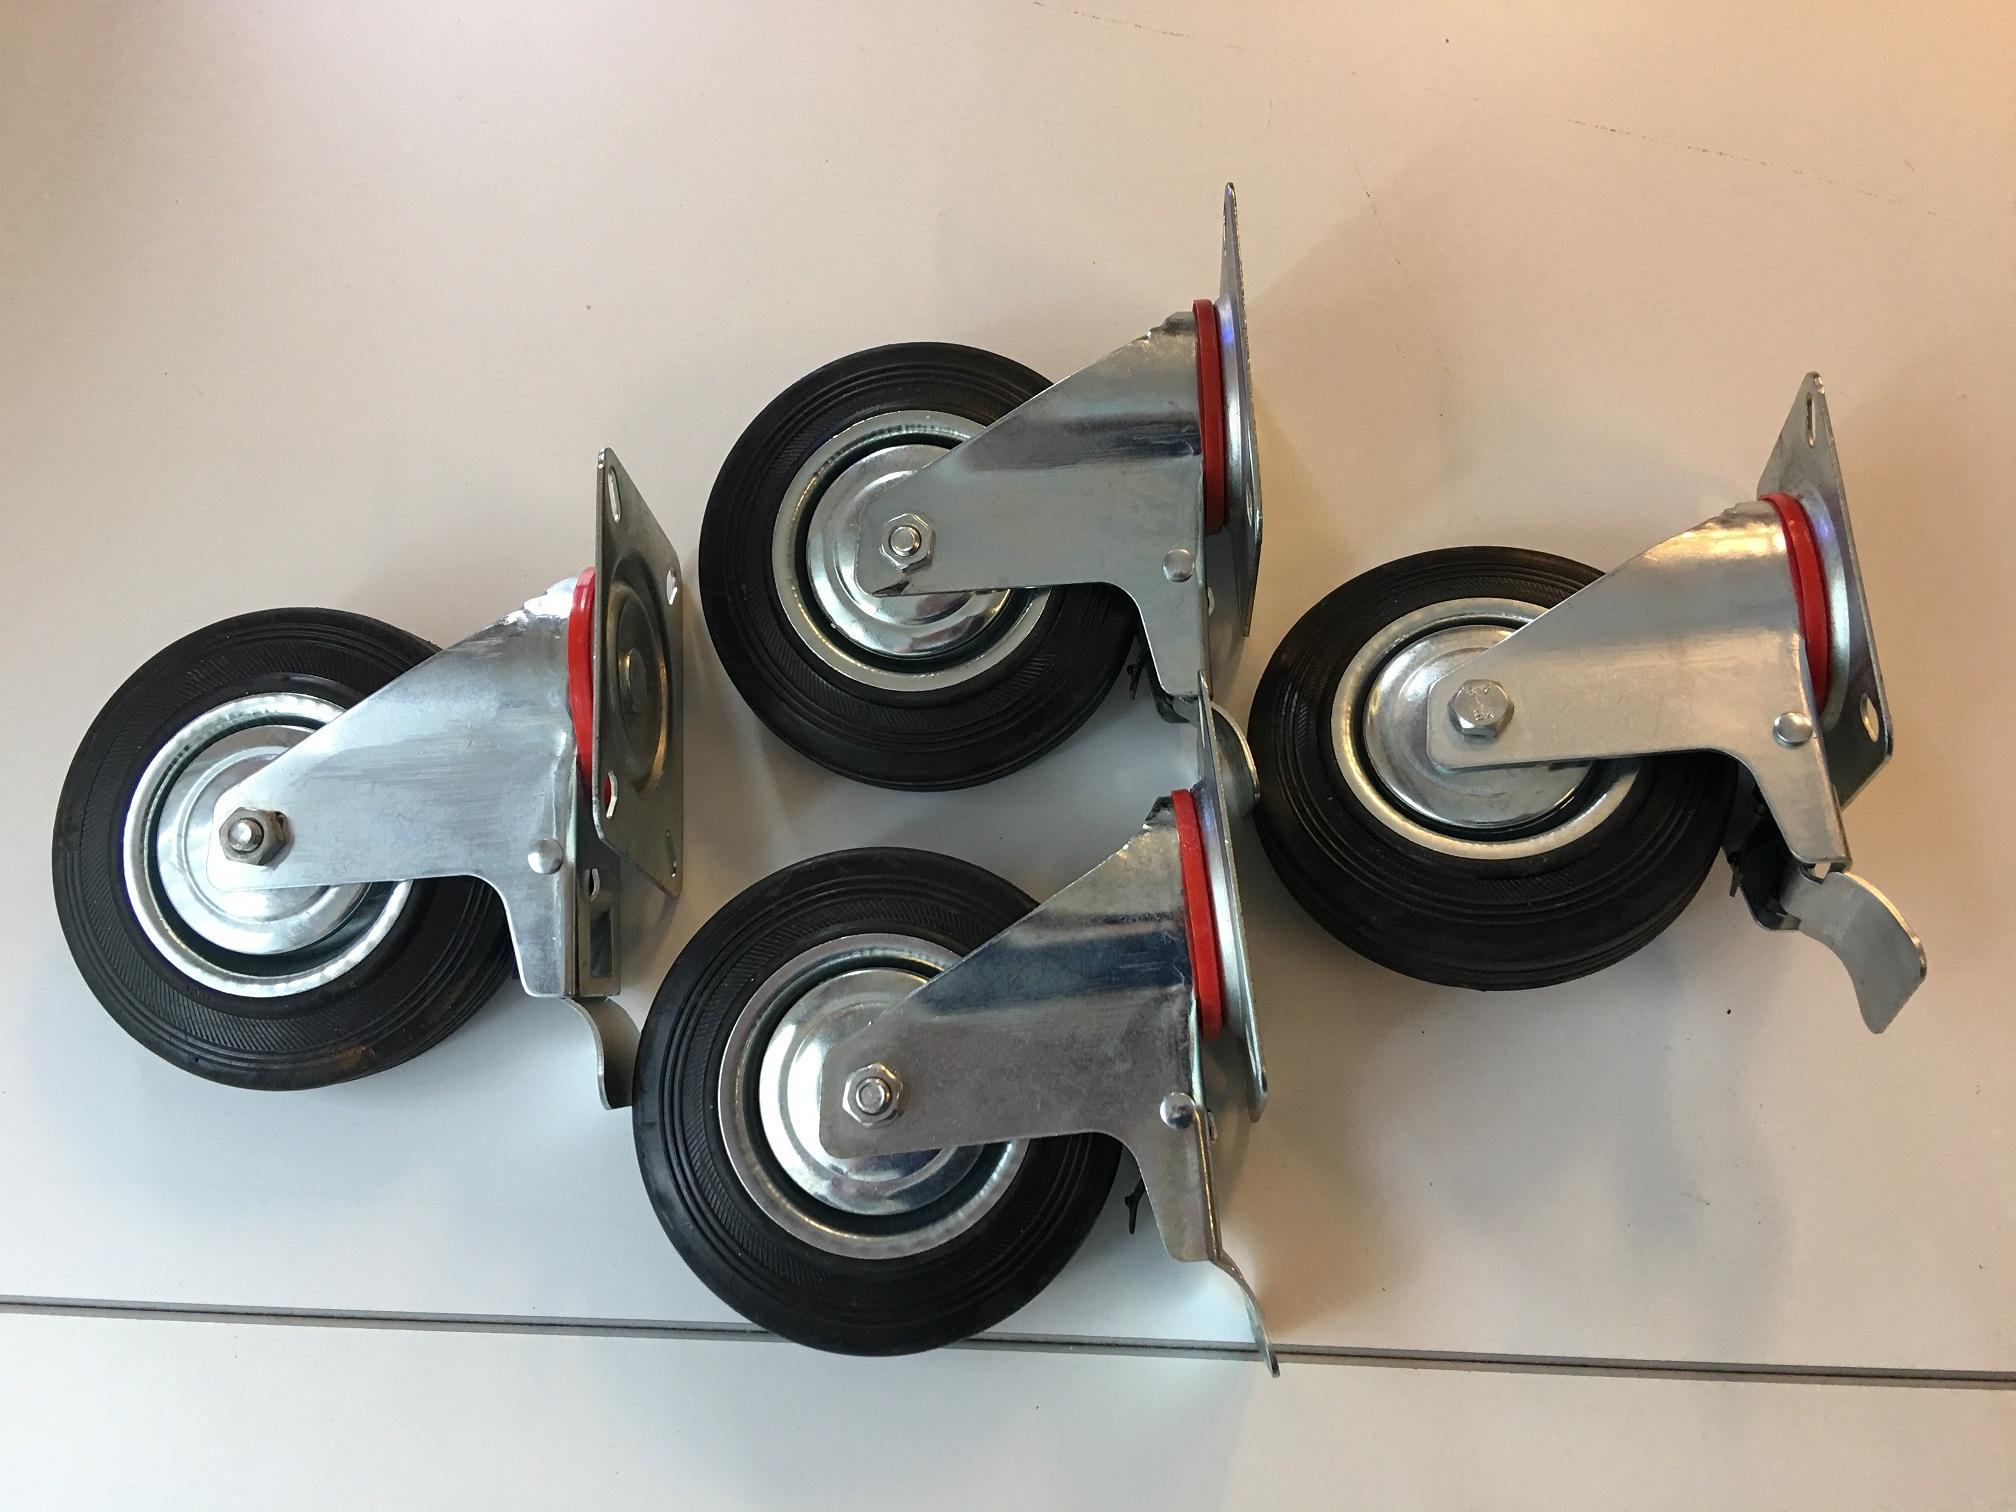 Top Mooi robuuste set van 4 zwenkwielen met rem en rubberen wielcovers LU36